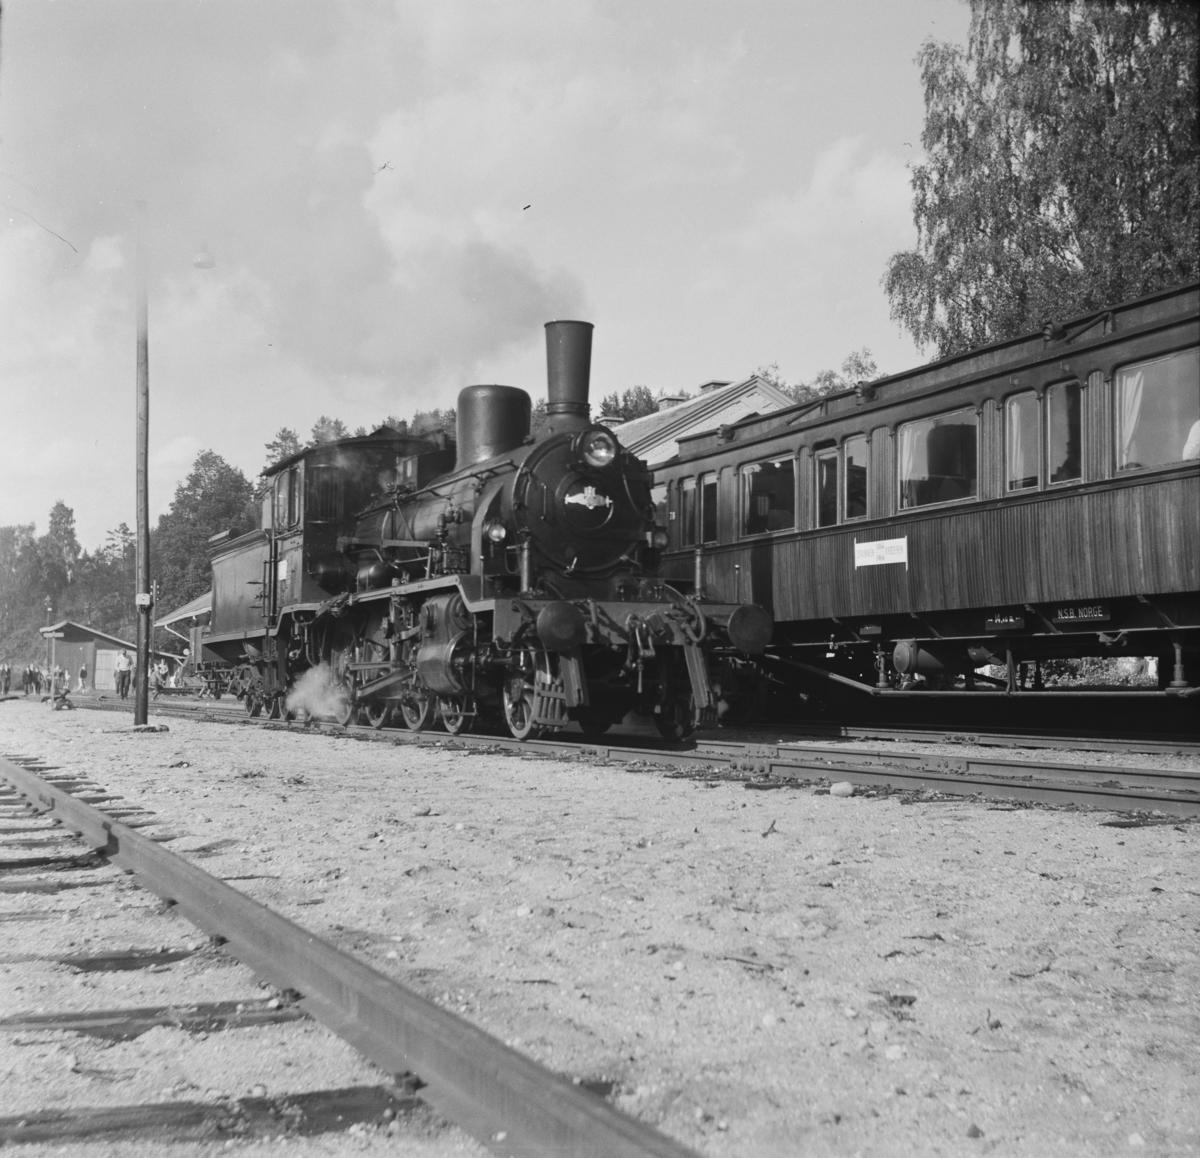 A/L Hølandsbanens veterantog på Krøderen stasjon. Damplok 18c 245 er snudd på svingskiven og går rundt togstammen.